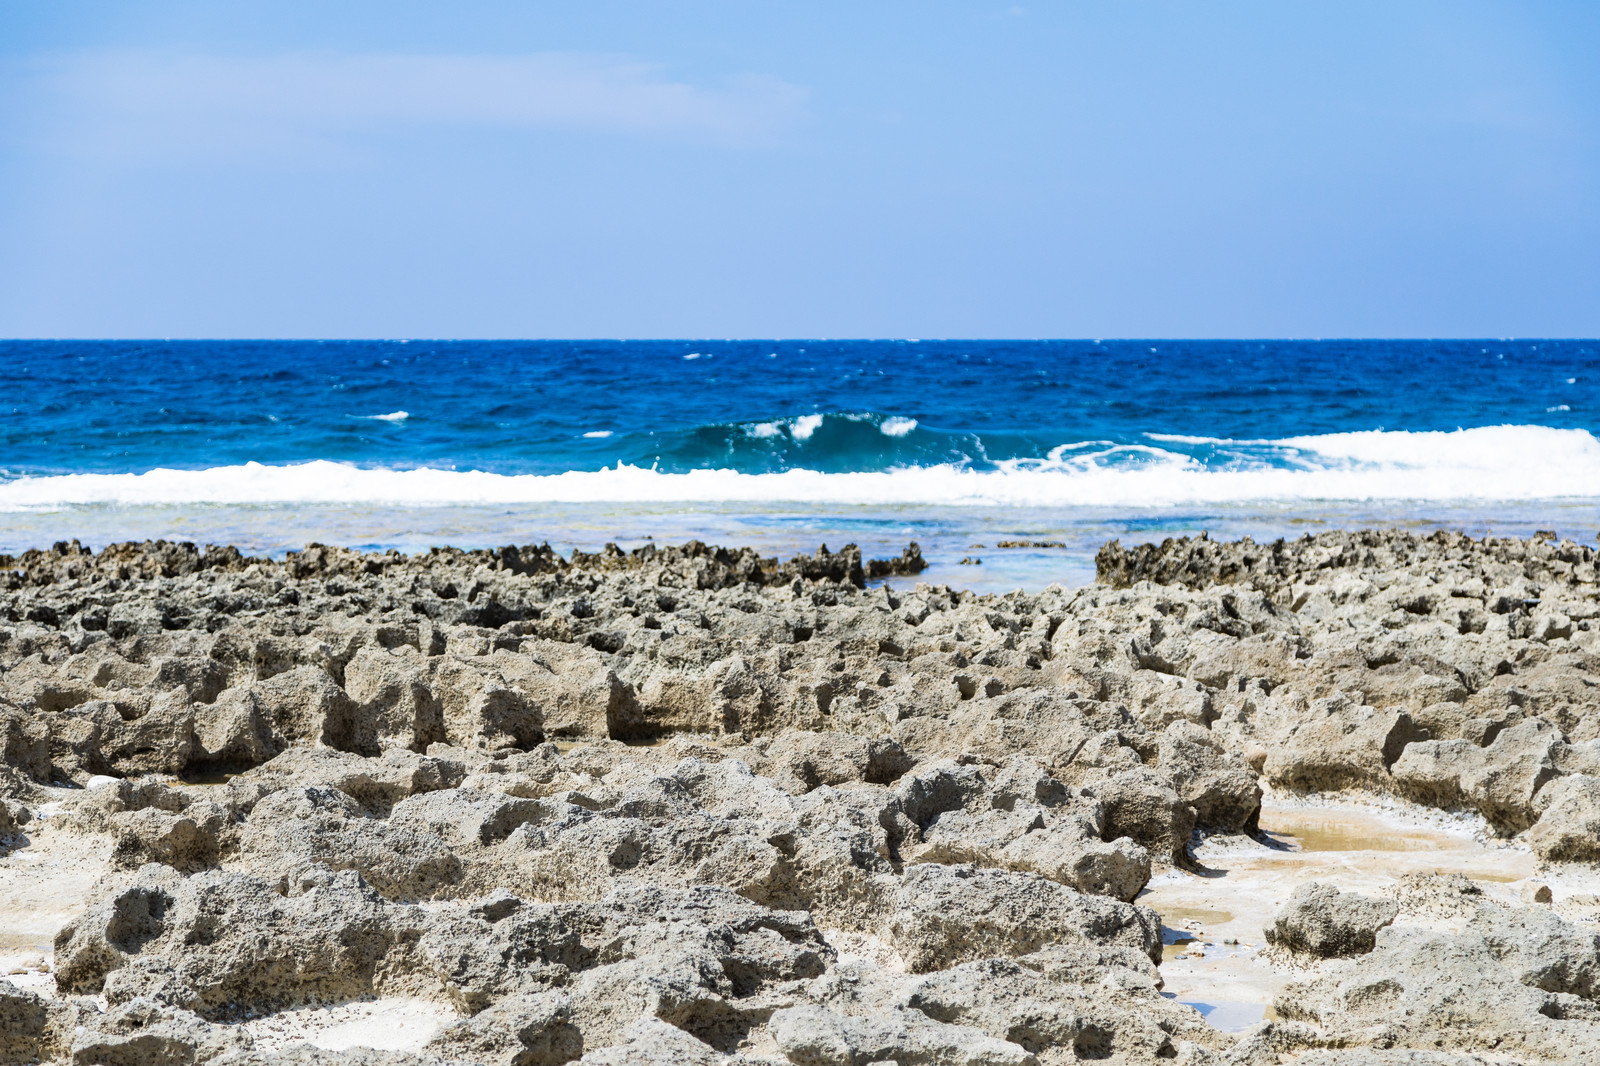 「犬田布海岸のゴツゴツした岩場と海」の写真